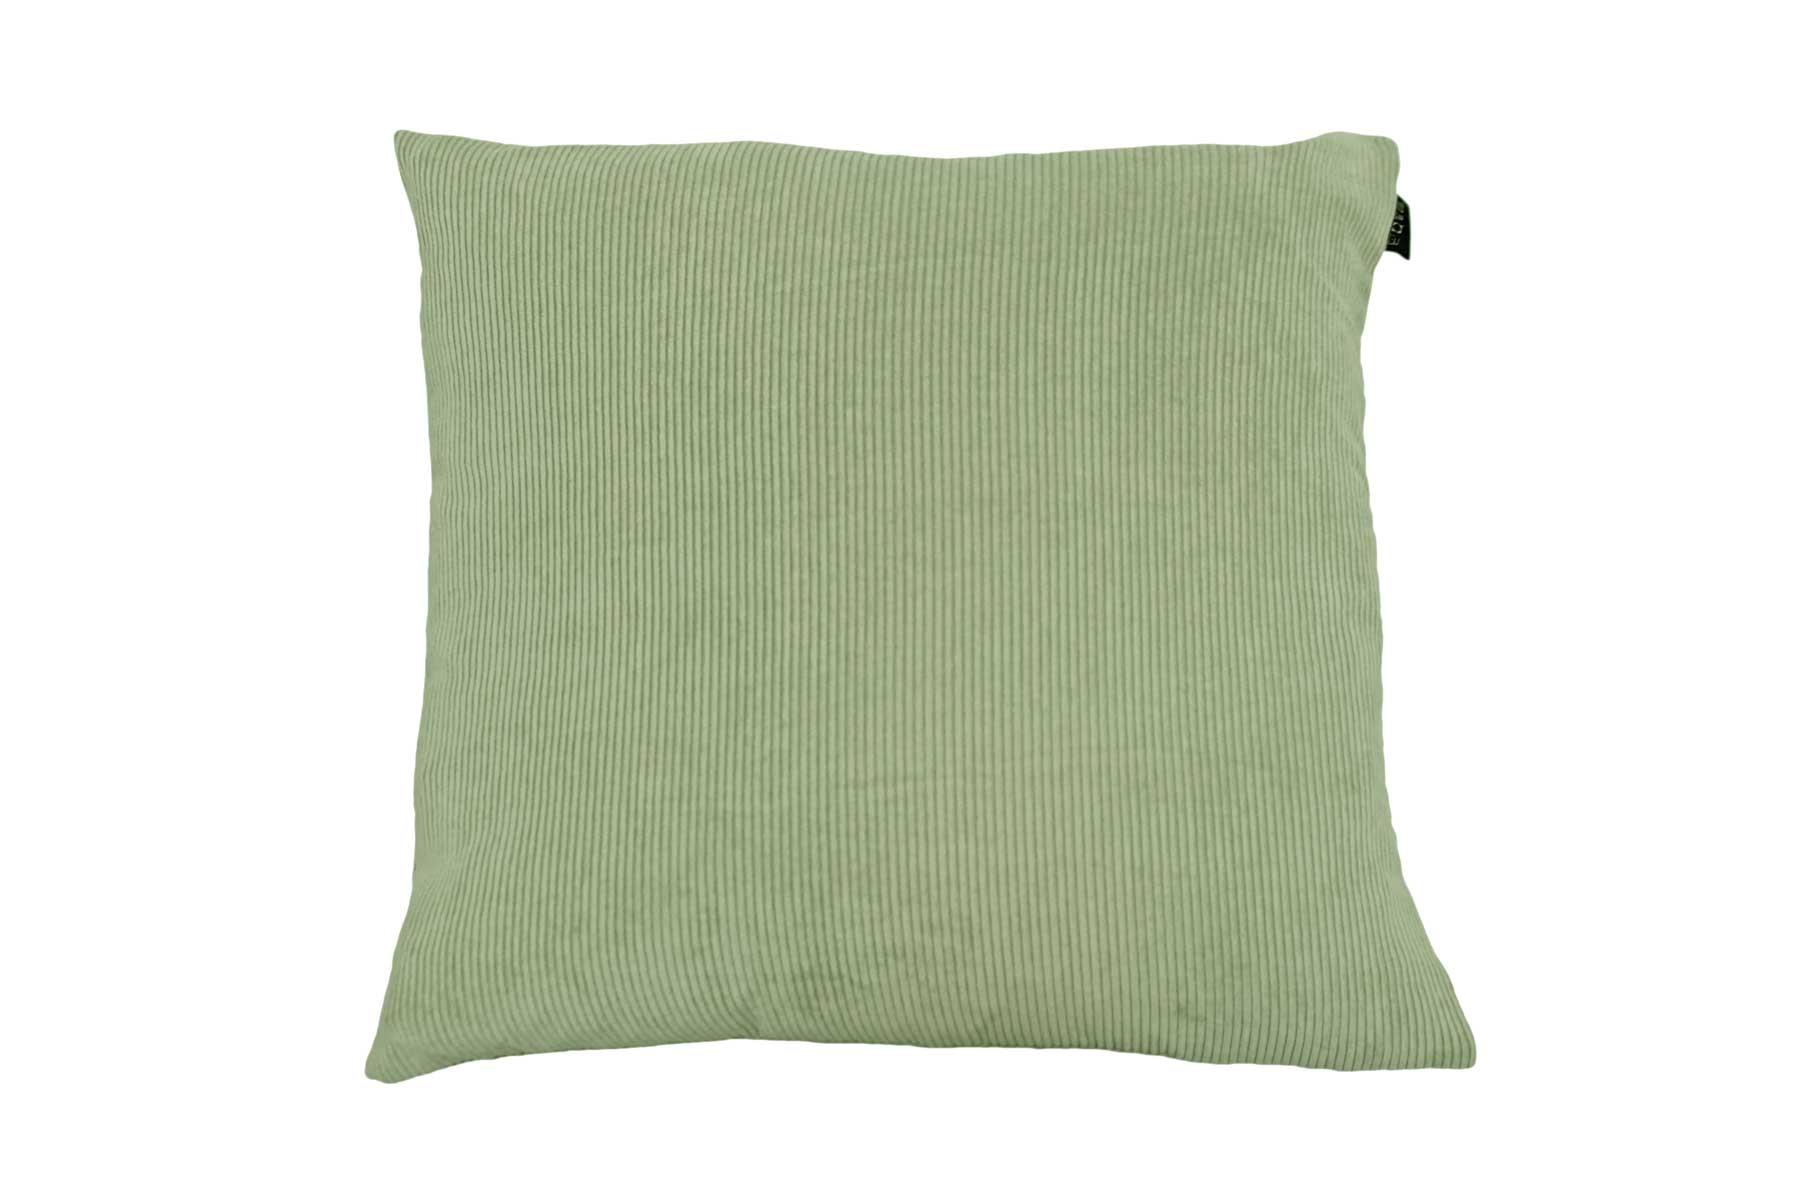 Billede af Unic sofapude, lysegrøn